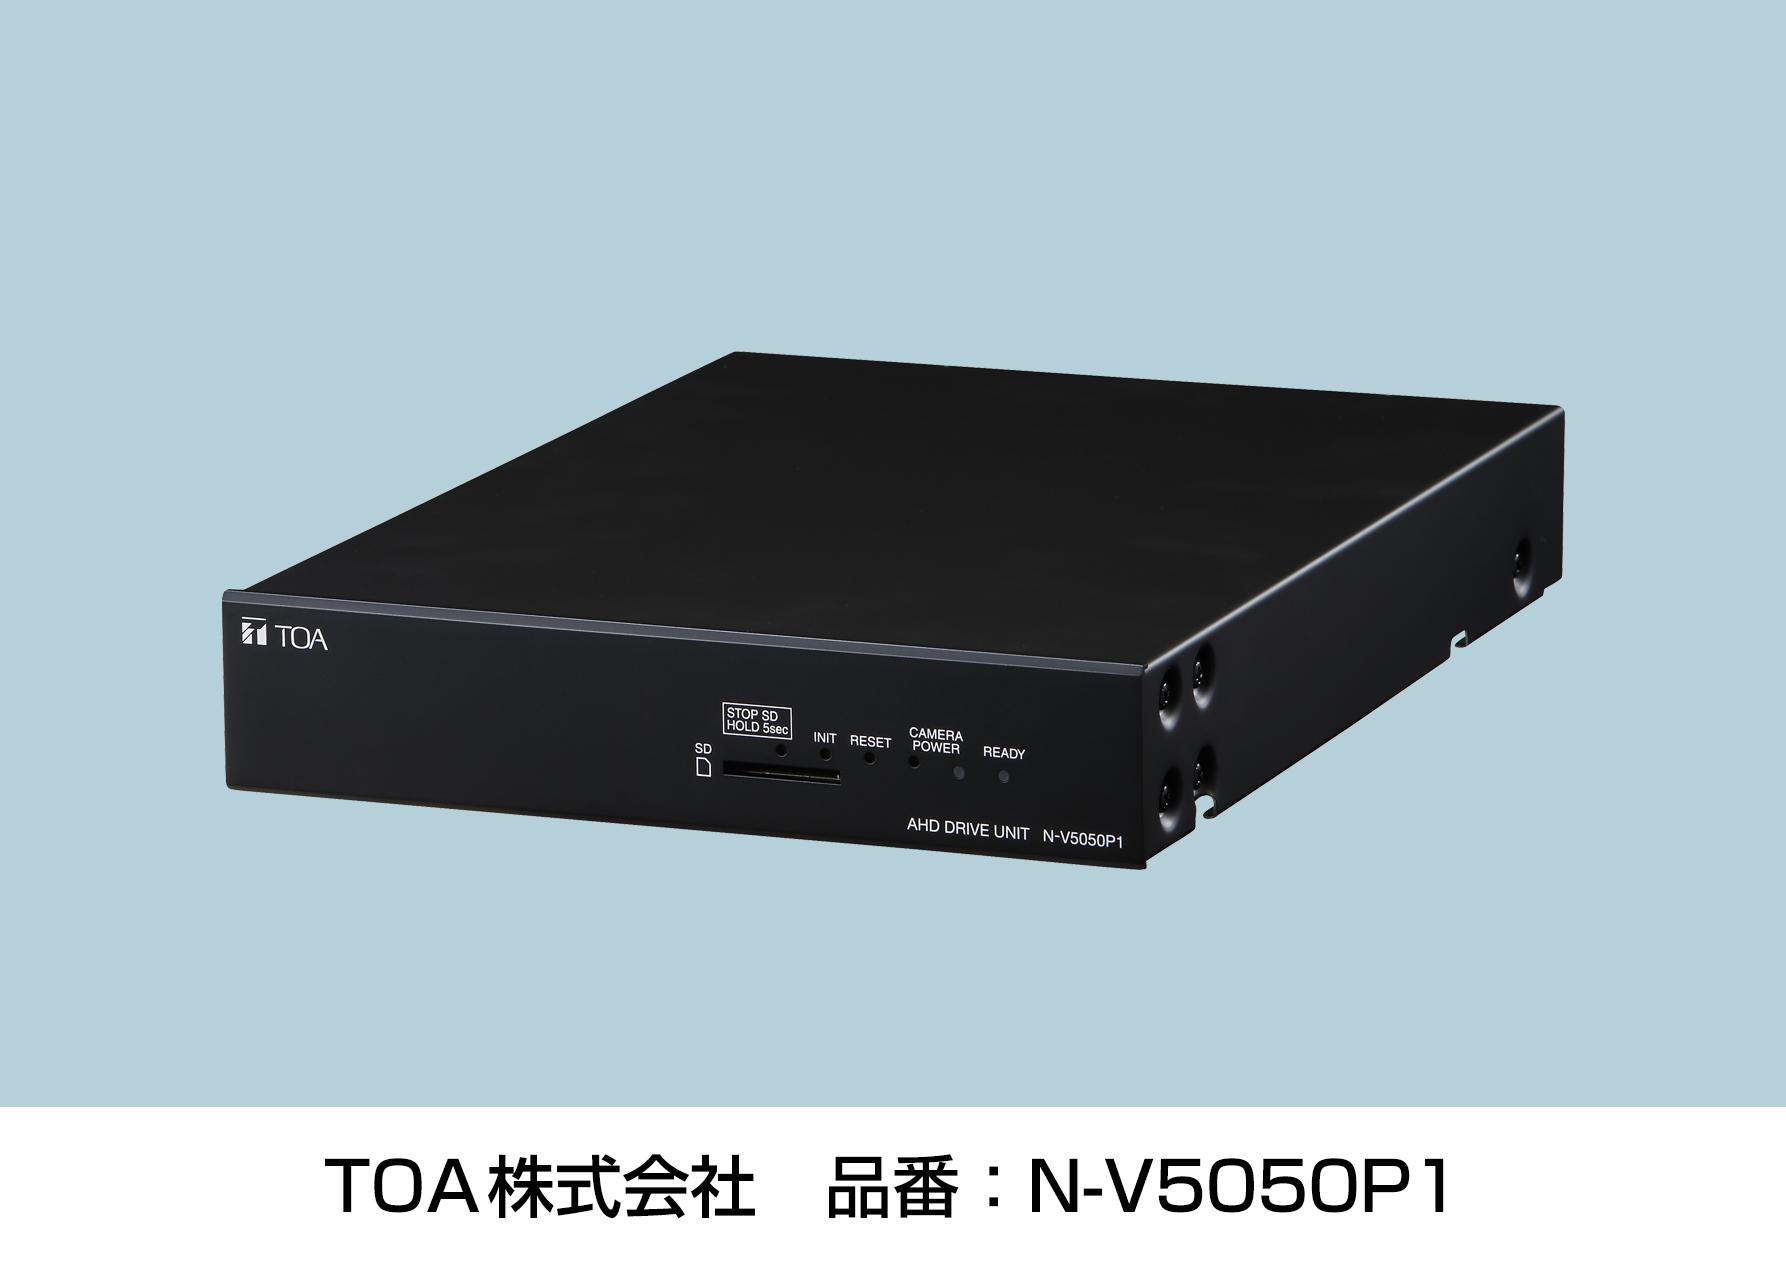 【TOA】AHDカメラやHDMIの映像信号をネットワークカメラシステムに変換伝送『多機能ドライブユニット』『マルチビデオエンコーダー』の画像